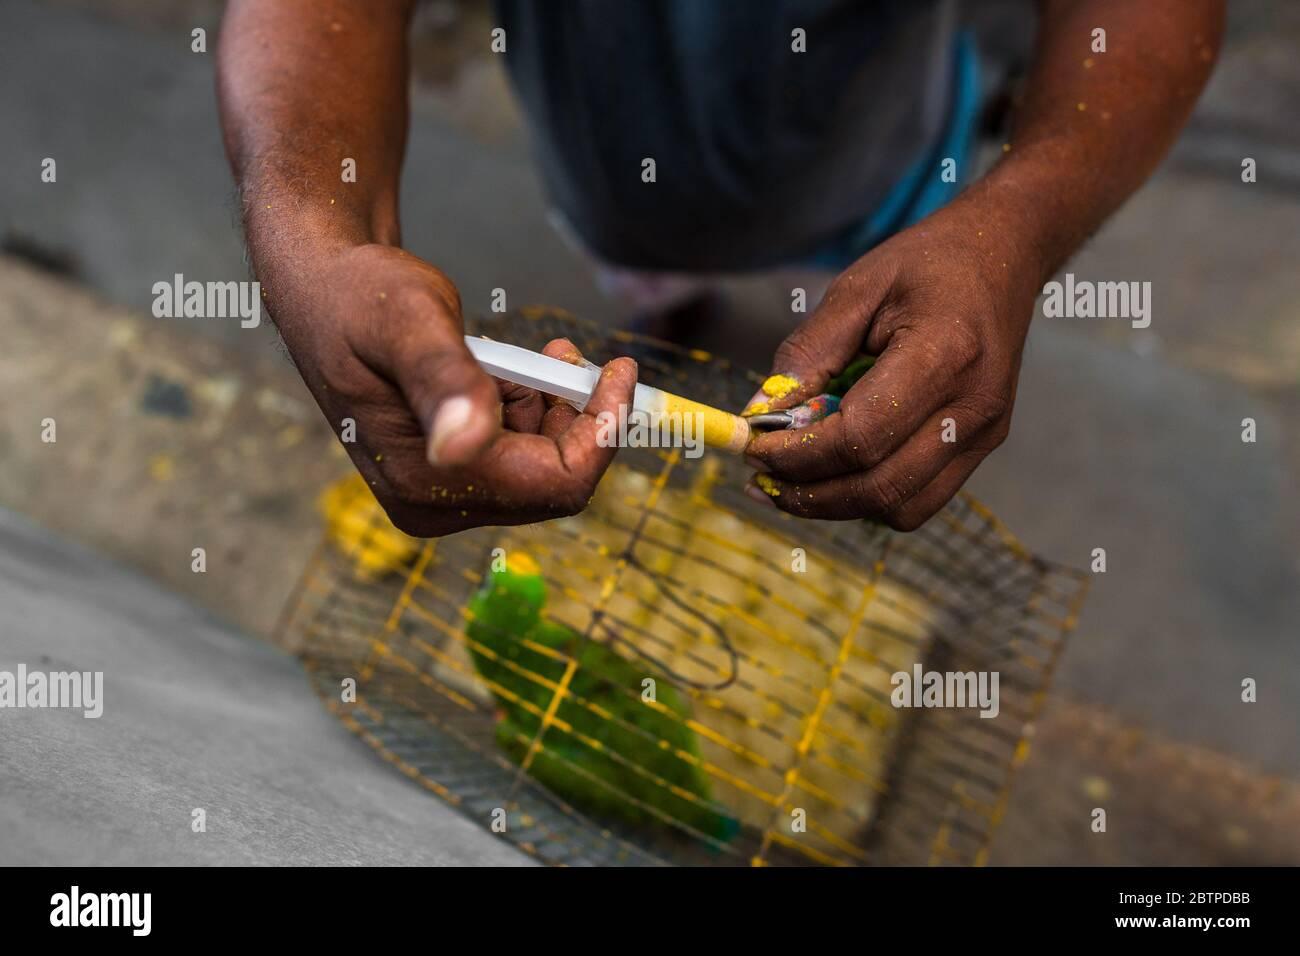 Un vendeur d'oiseaux colombien alimente un perroquet amazonien, injectant de la nourriture liquide dans son bec, sur le marché des oiseaux de Carthagène, en Colombie. Banque D'Images